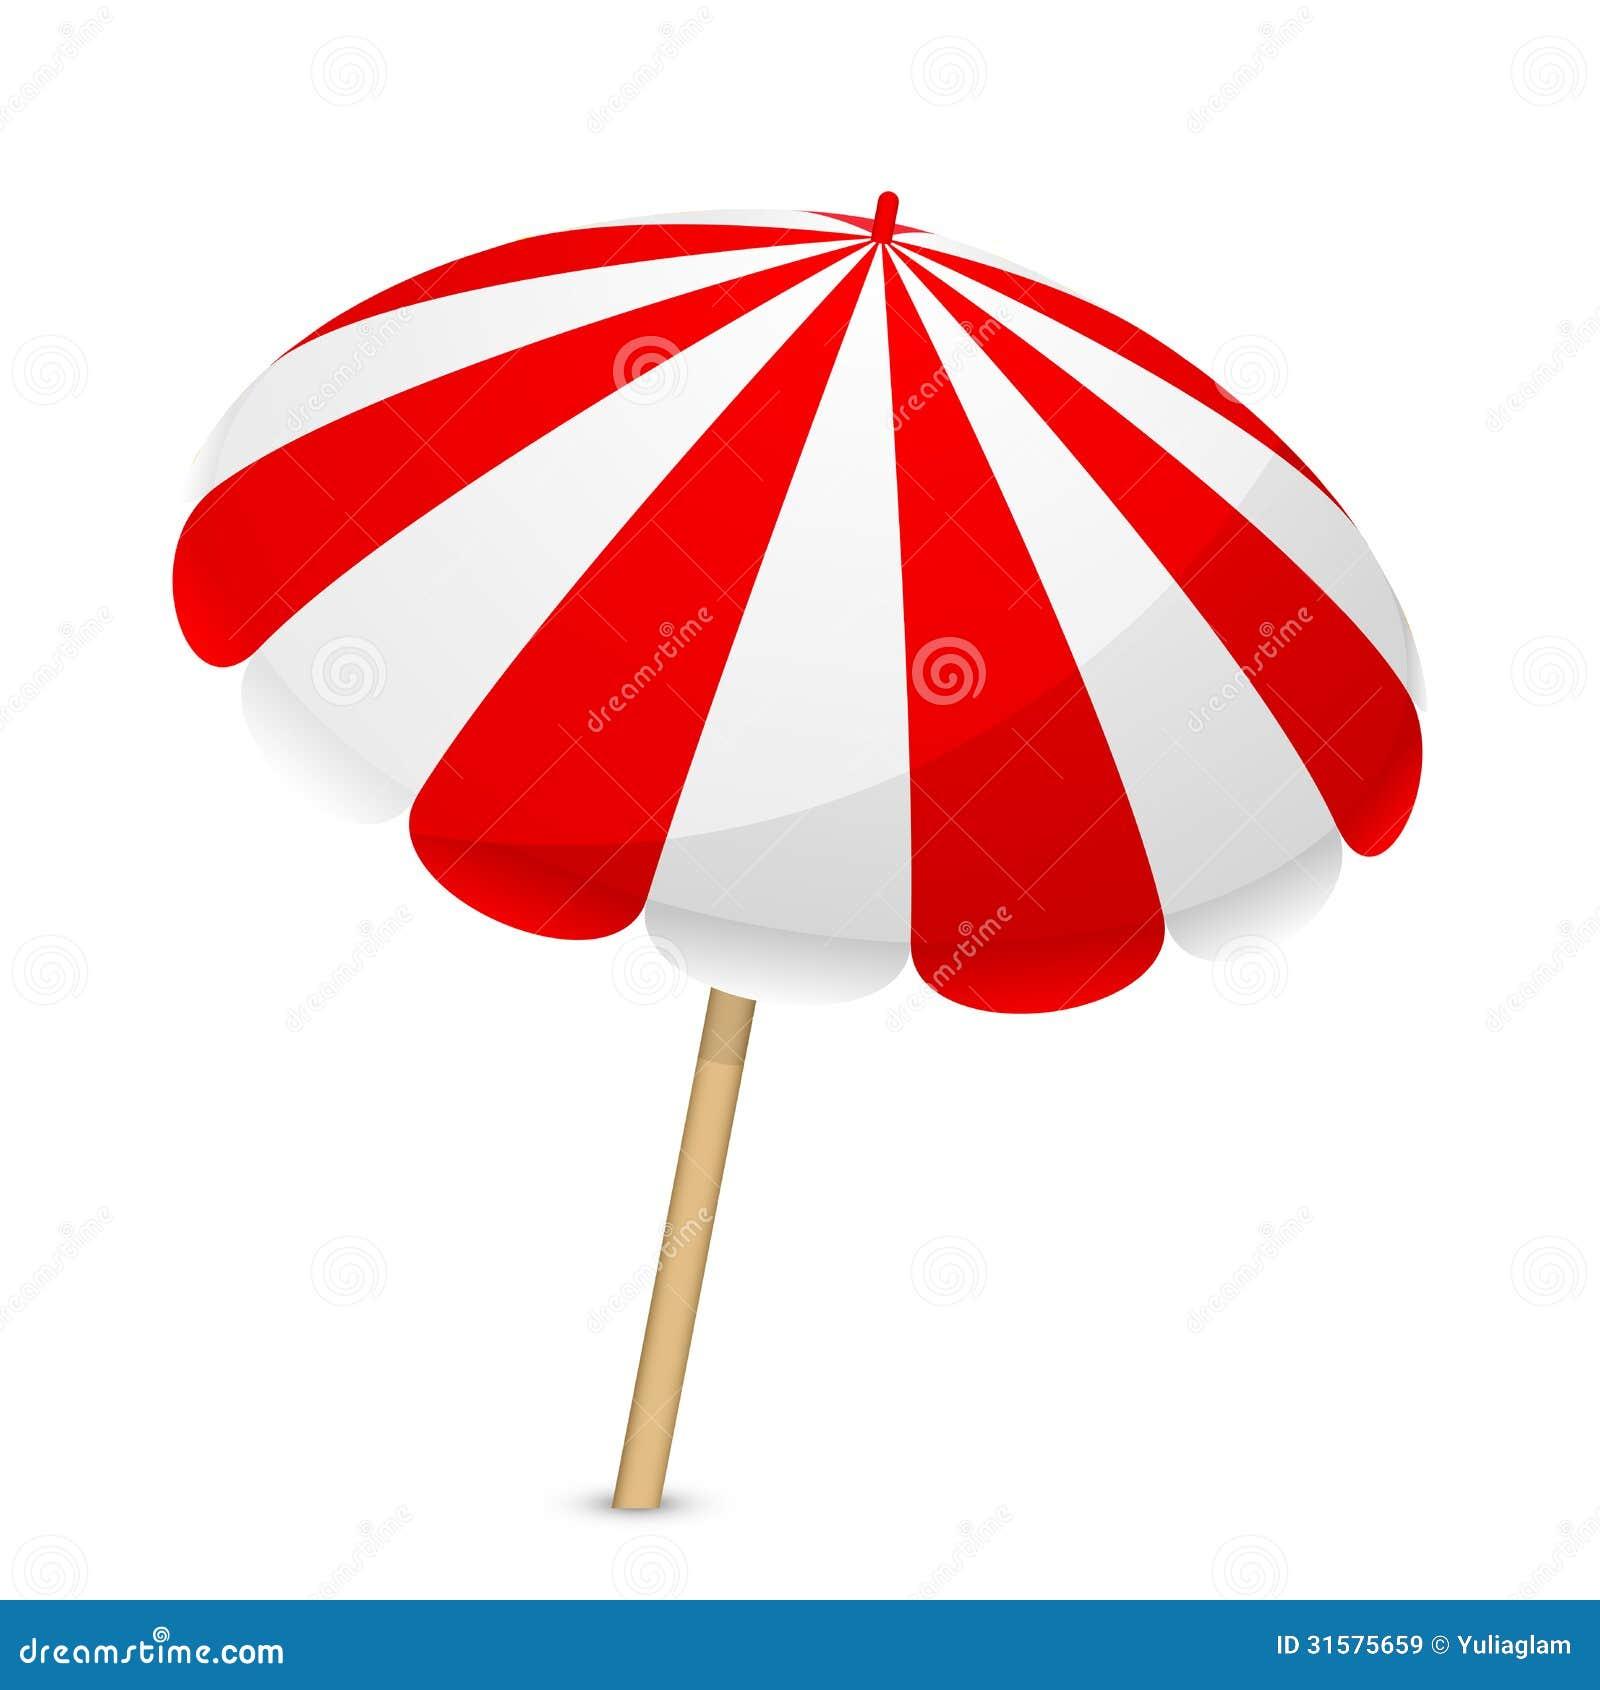 parasol royalty free stock images image 31575659. Black Bedroom Furniture Sets. Home Design Ideas